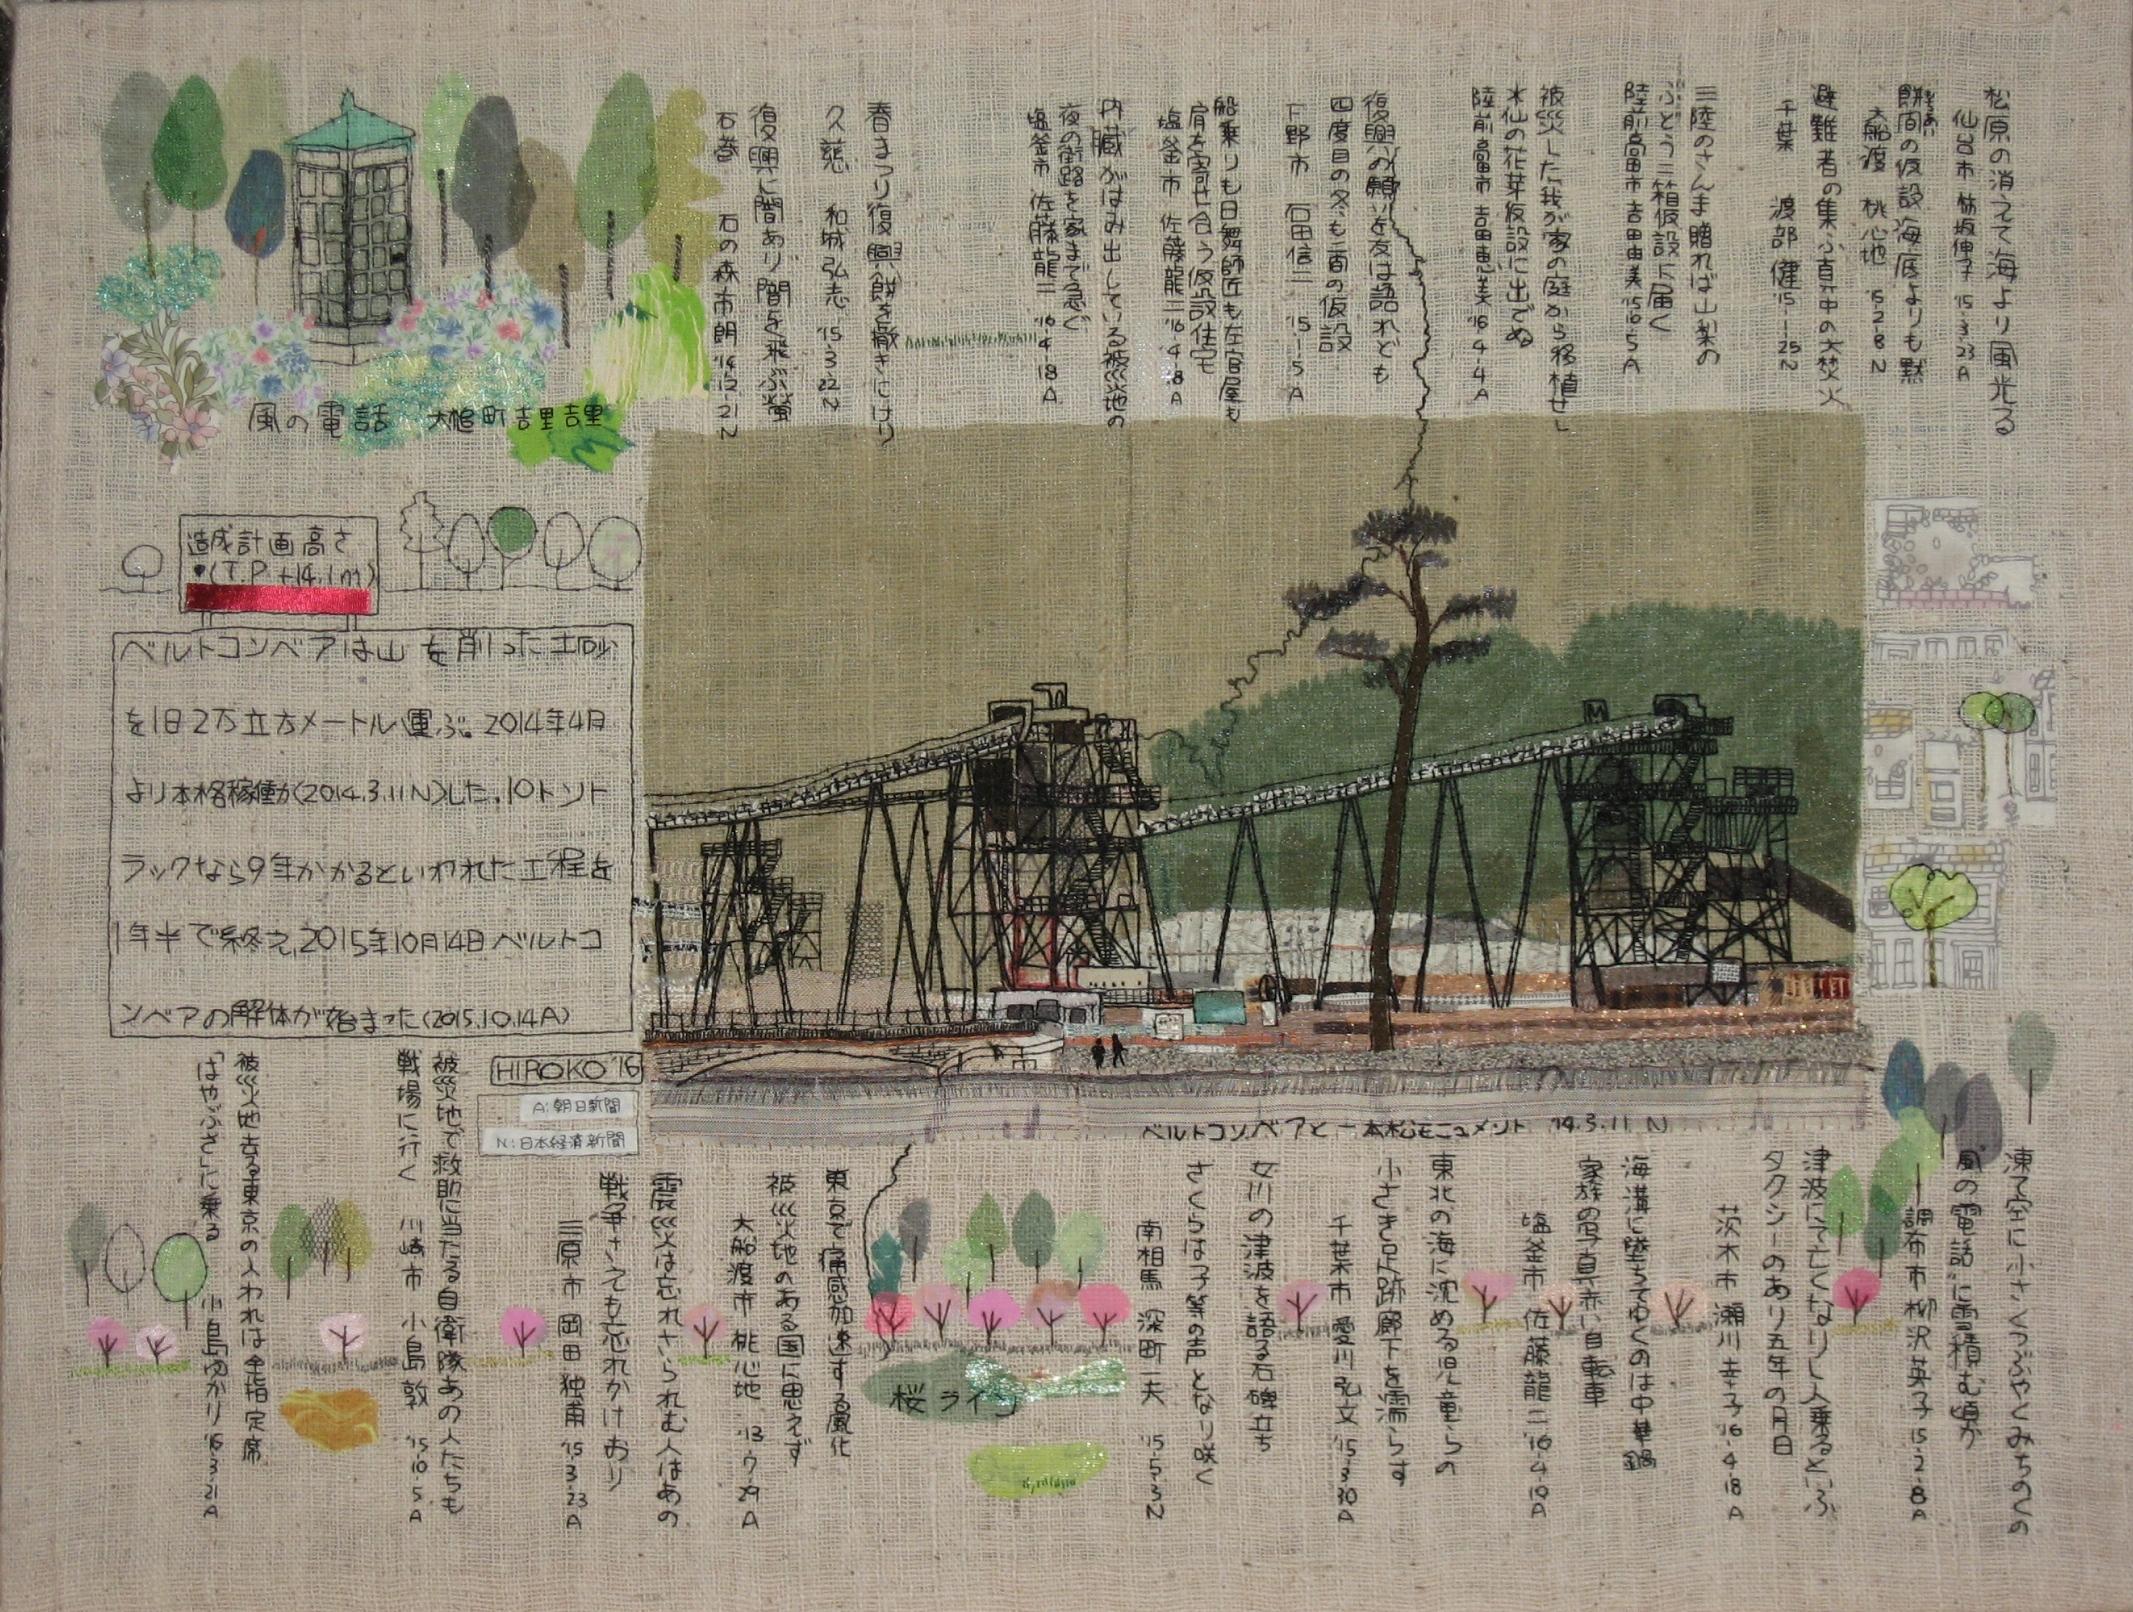 東日本大震災を忘れない -- 3.11から8年、世田谷から考える -- 学生によるトークサロン「若い世代の私たちが今、考えること」を開催 -- 昭和女子大学